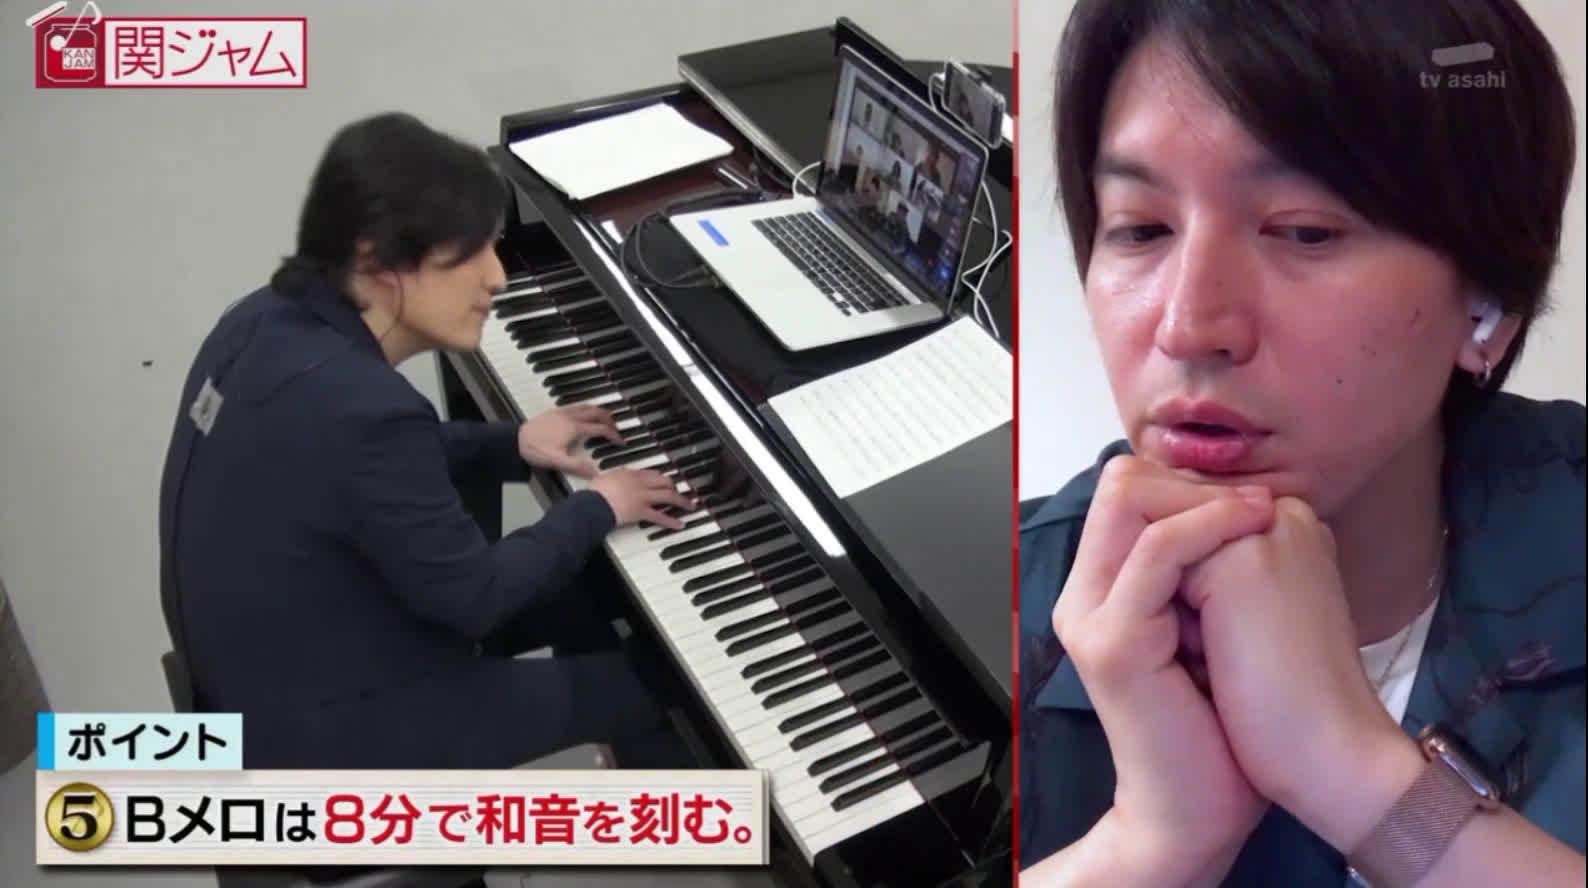 20200628 関ジャム 大阪ロマネスク (編曲及鋼琴演奏/ 清塚信也)